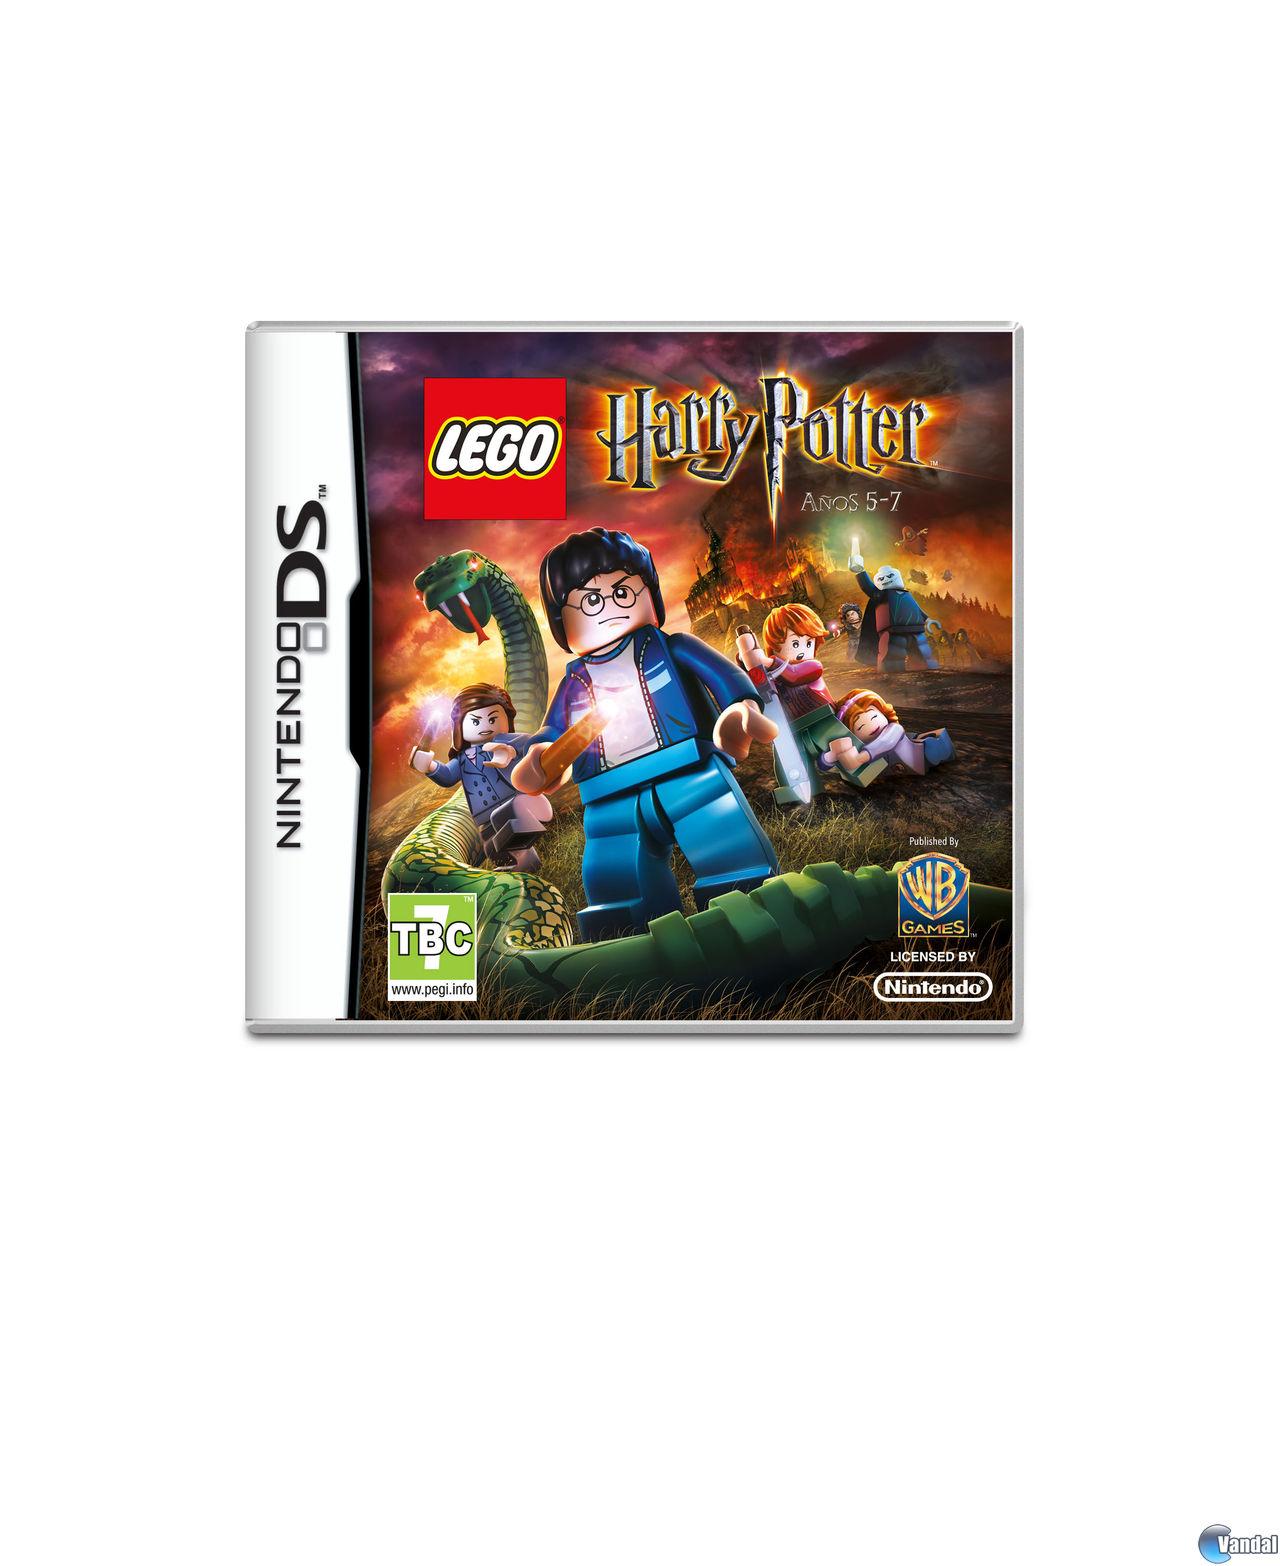 Imagen 2 de LEGO Harry Potter: años 5-7 para Nintendo DS